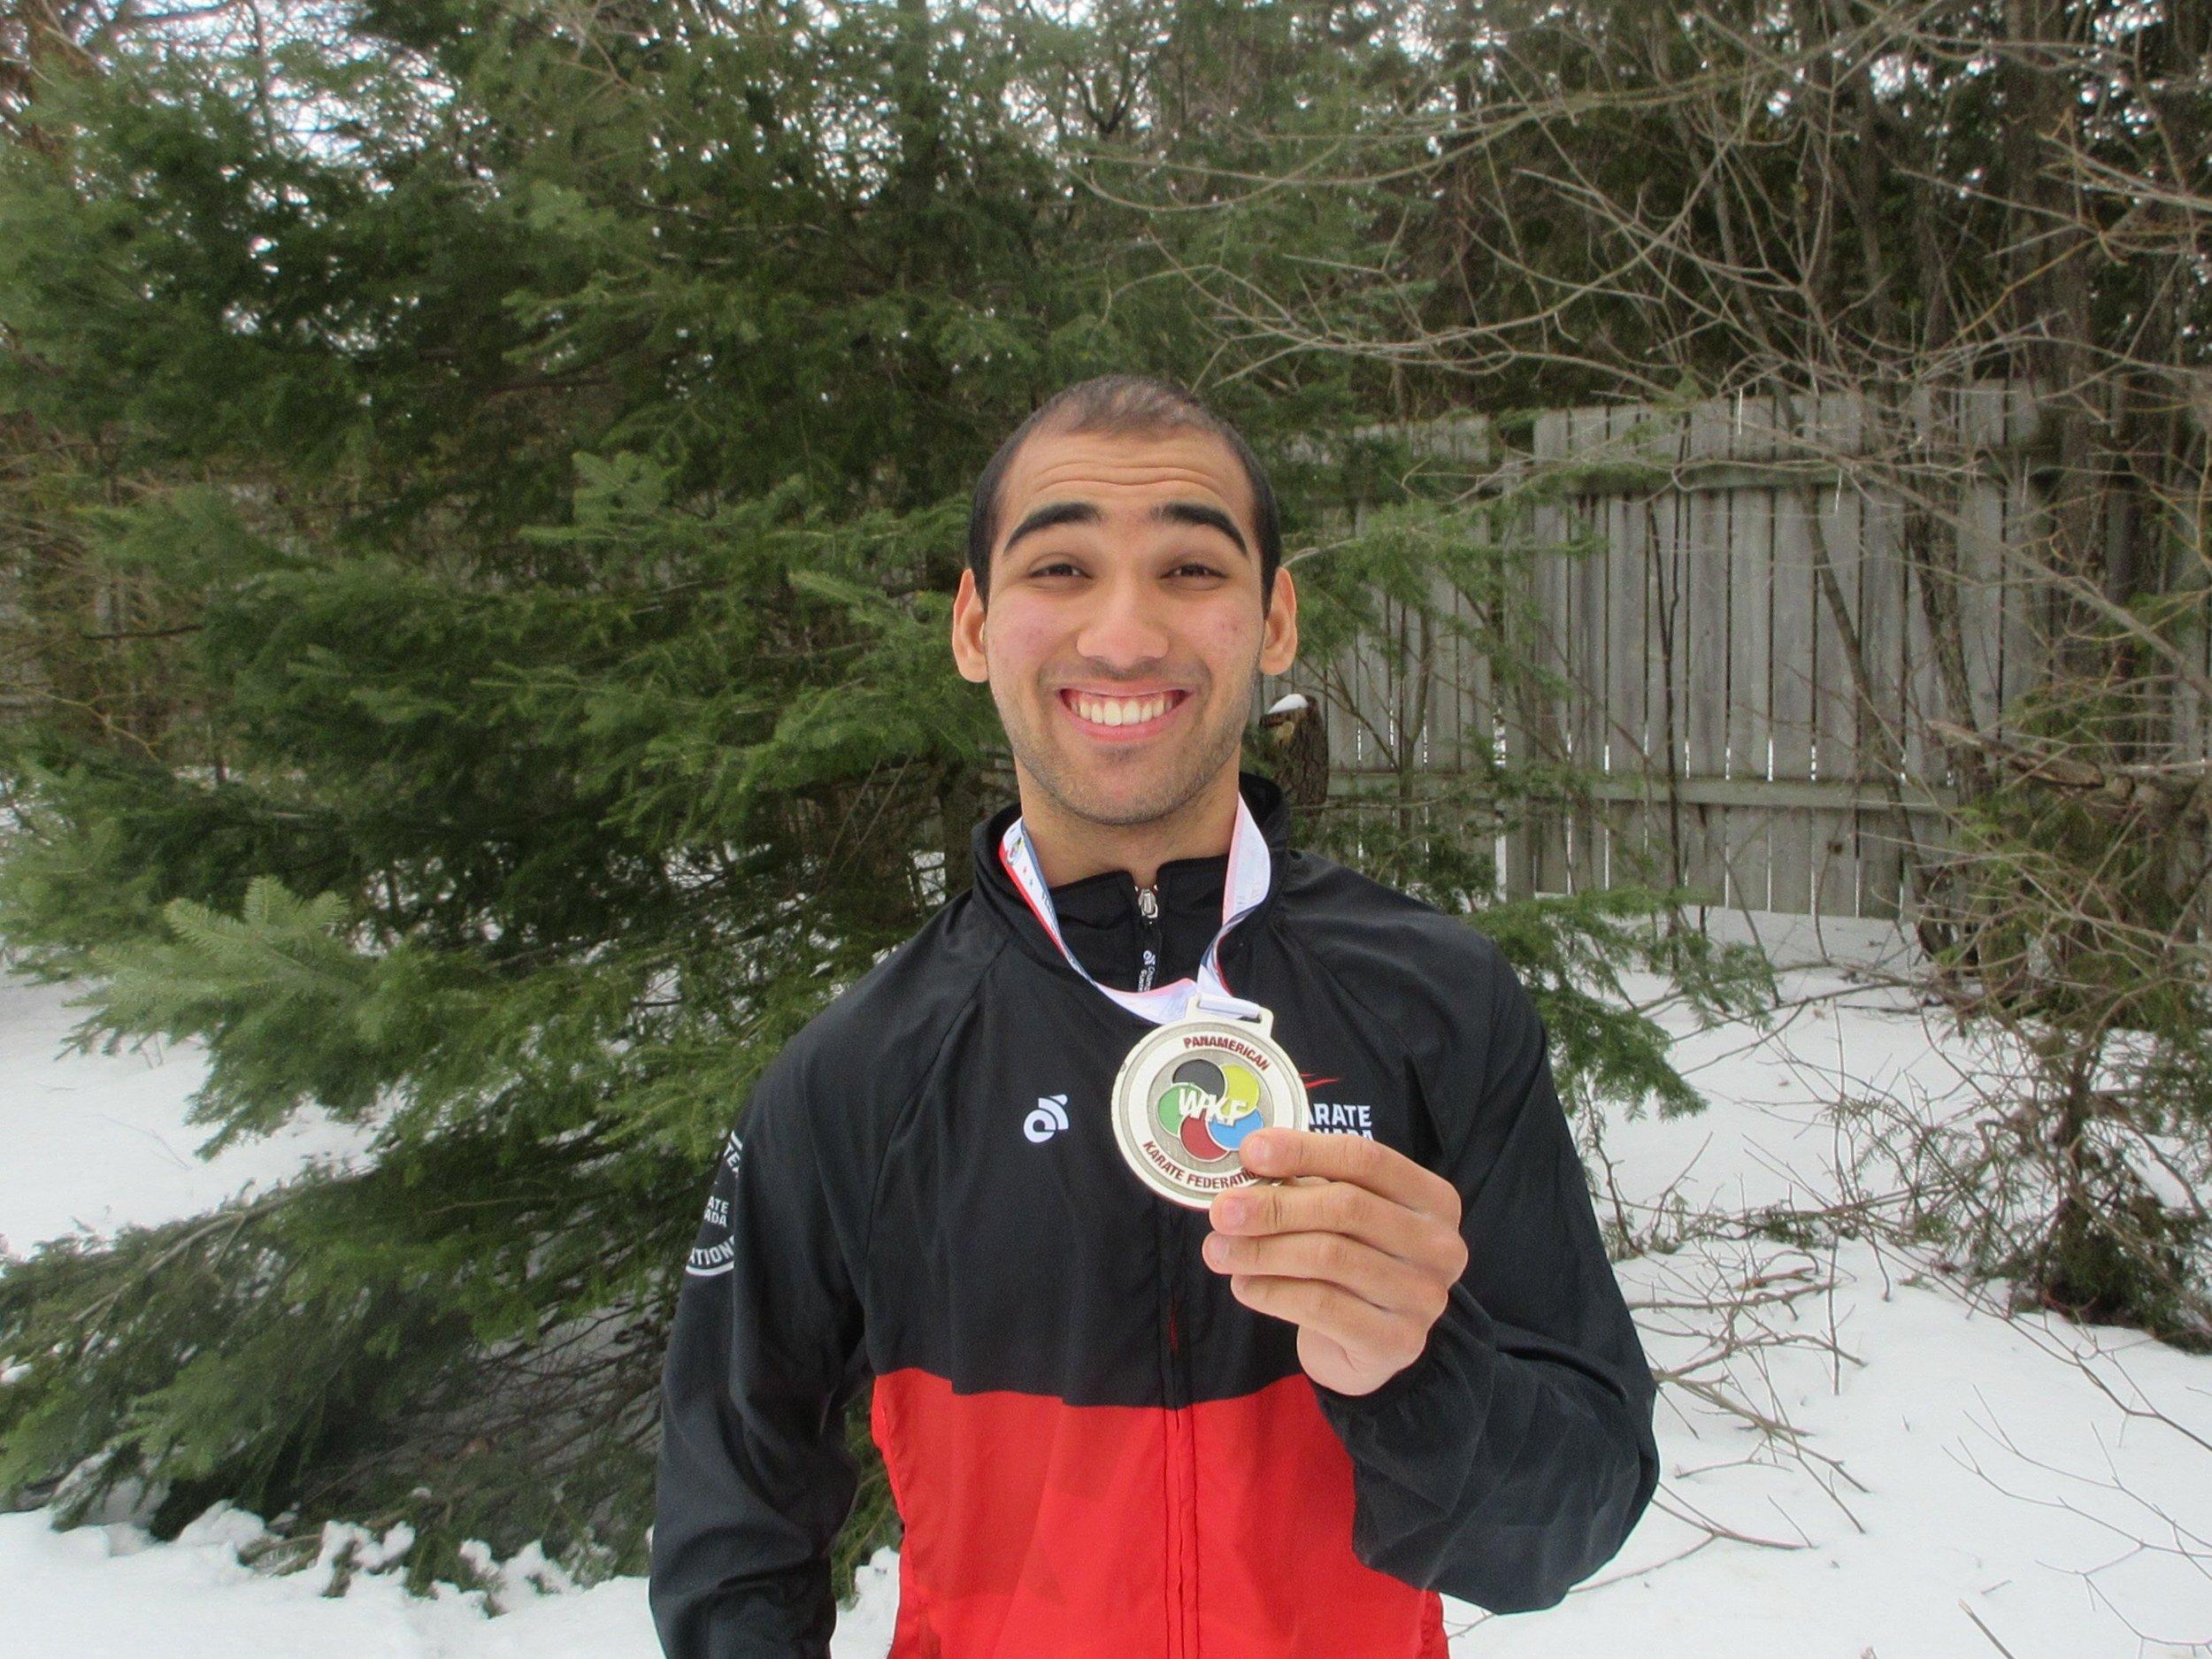 Nuestro para-atleta Daniel Mustapha con su medalla panamericana de plata.